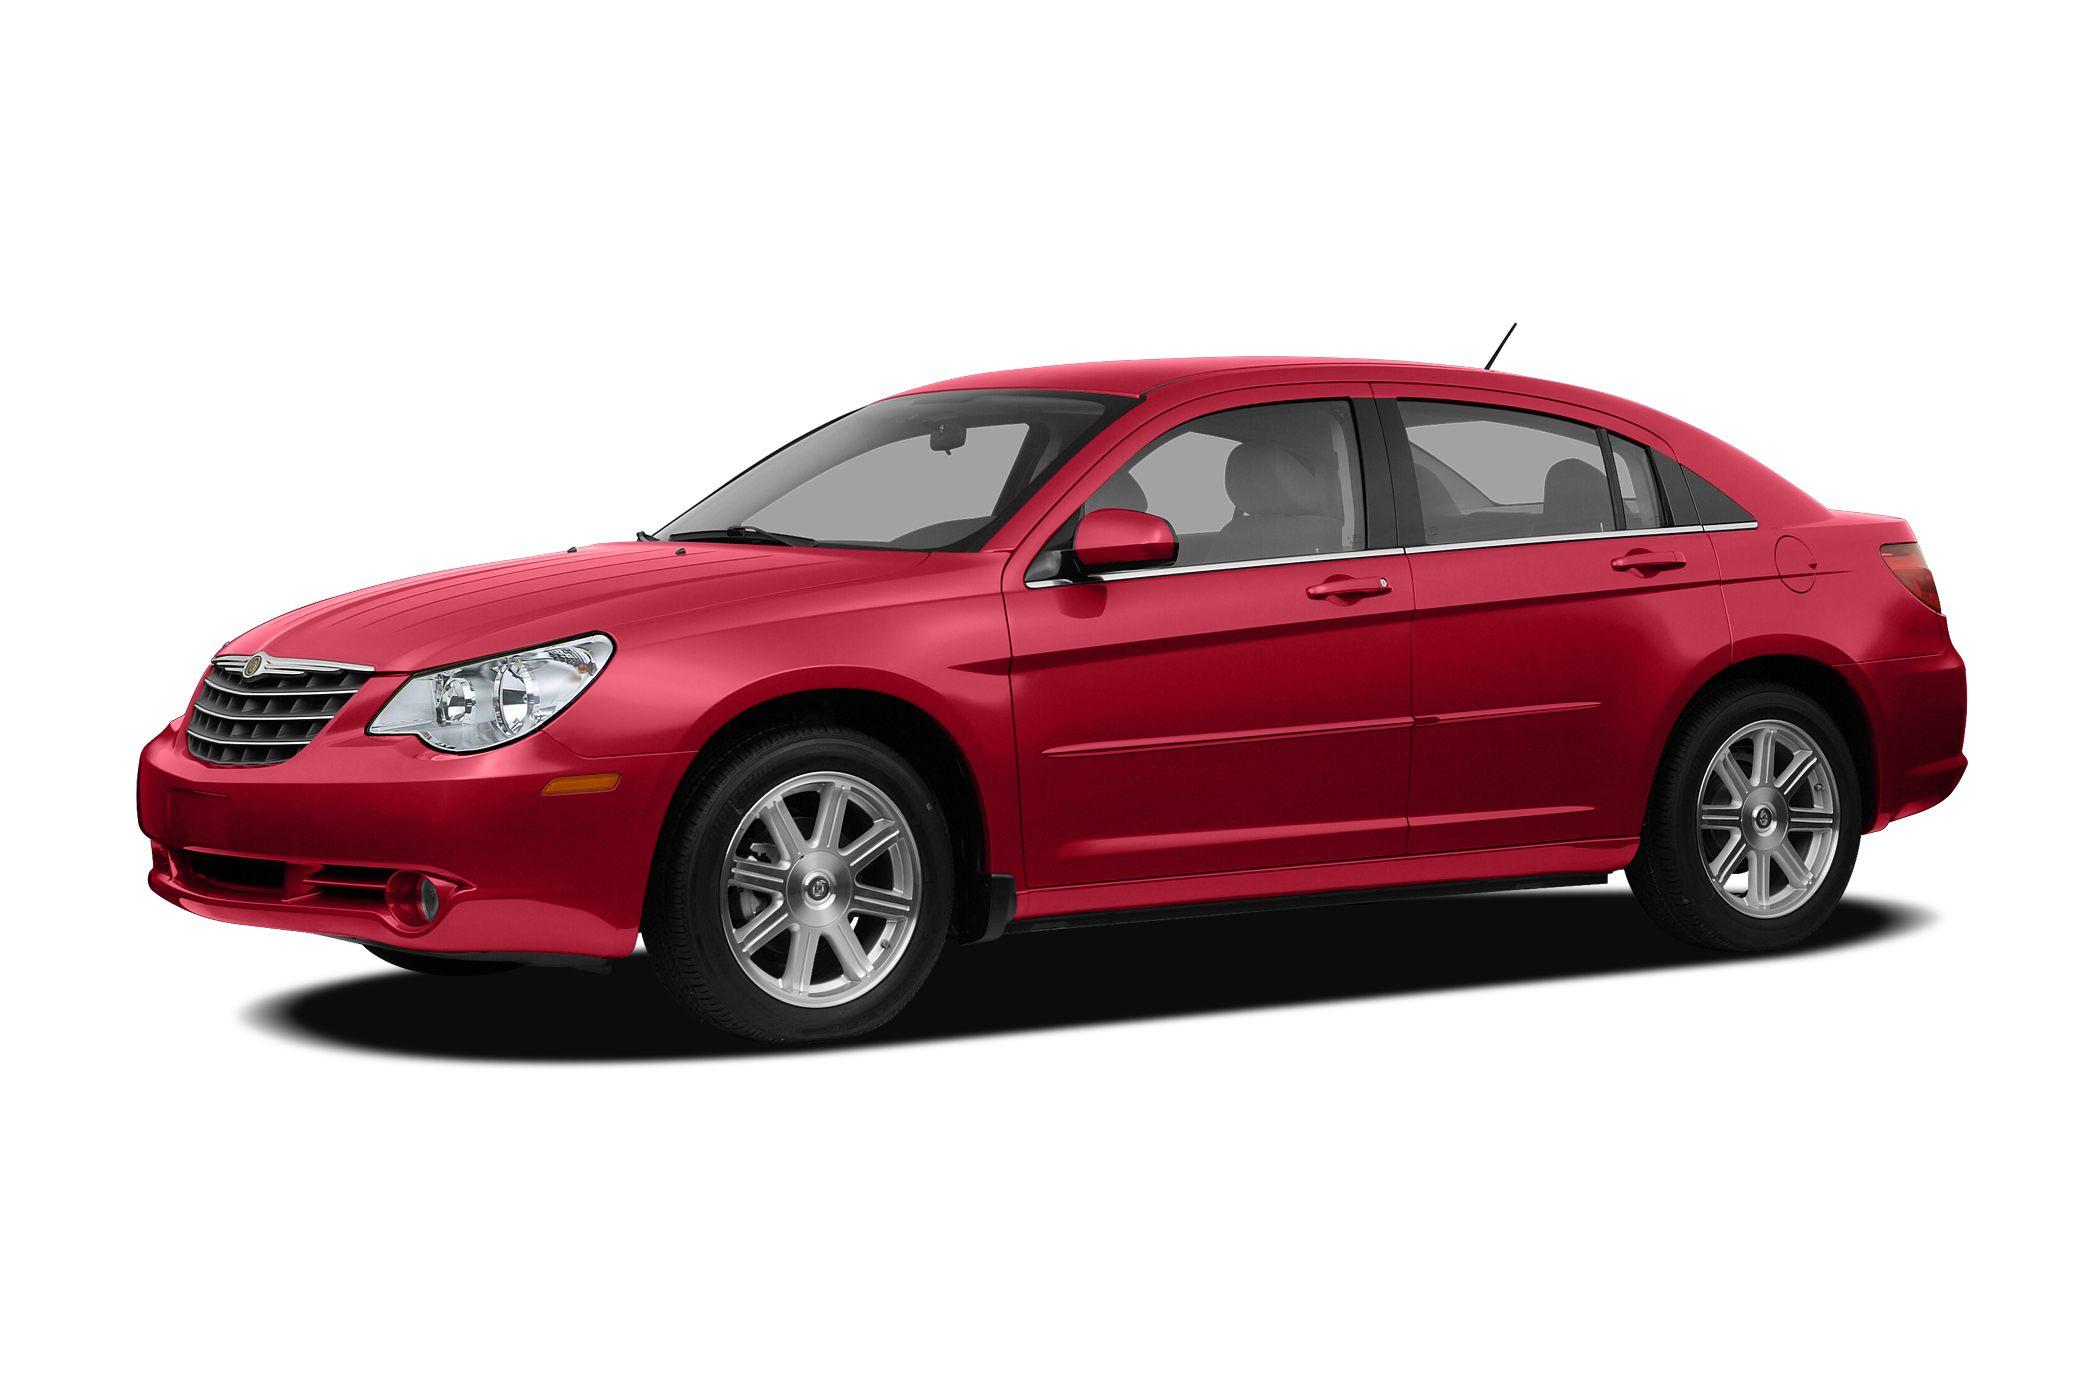 2007 Chrysler Sebring Touring Sedan for sale in Sacramento for $5,995 with 121,637 miles